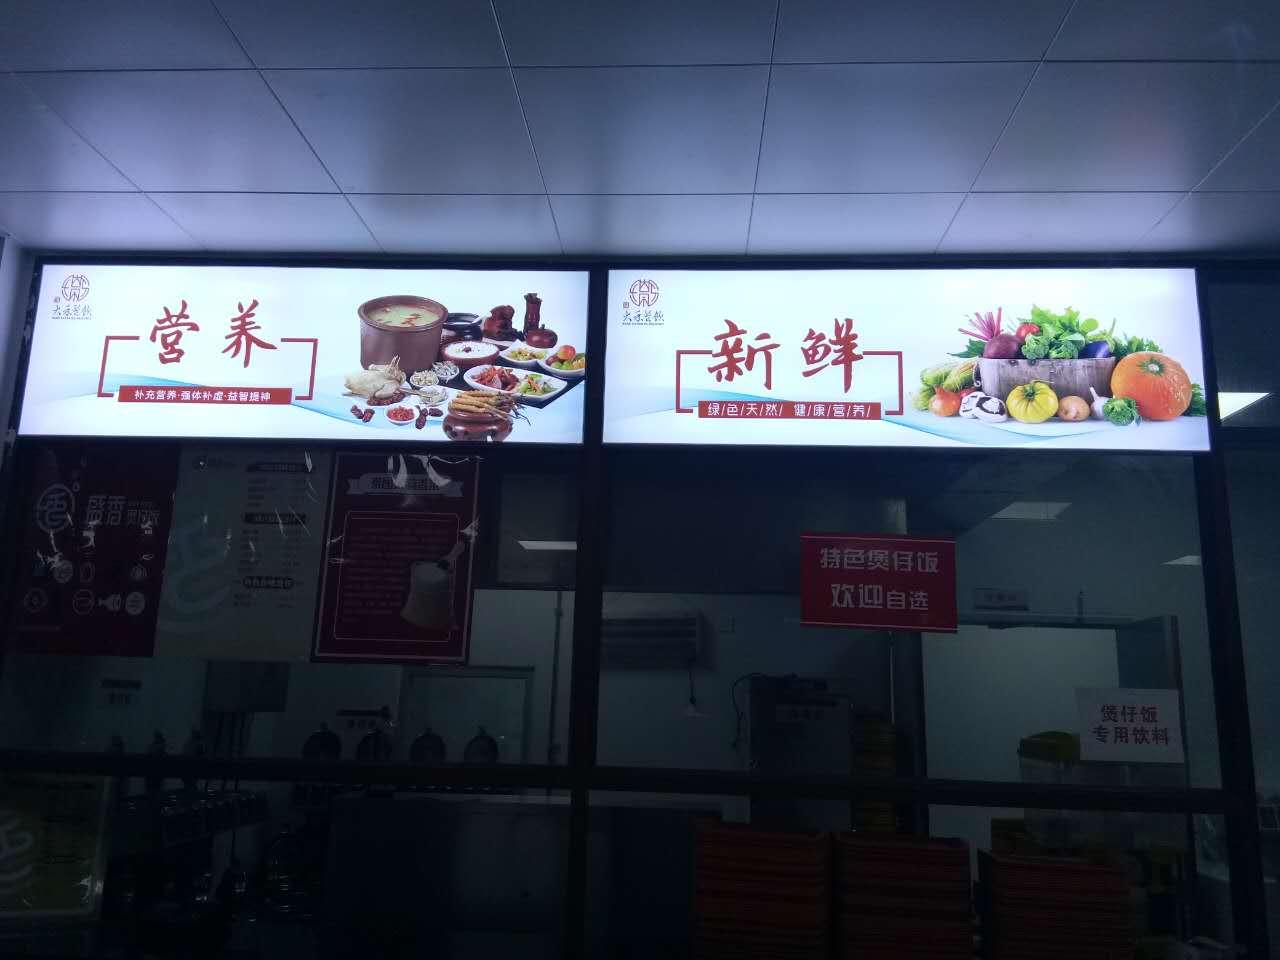 制作广告灯箱都需要了解什么?长沙广告公司解说